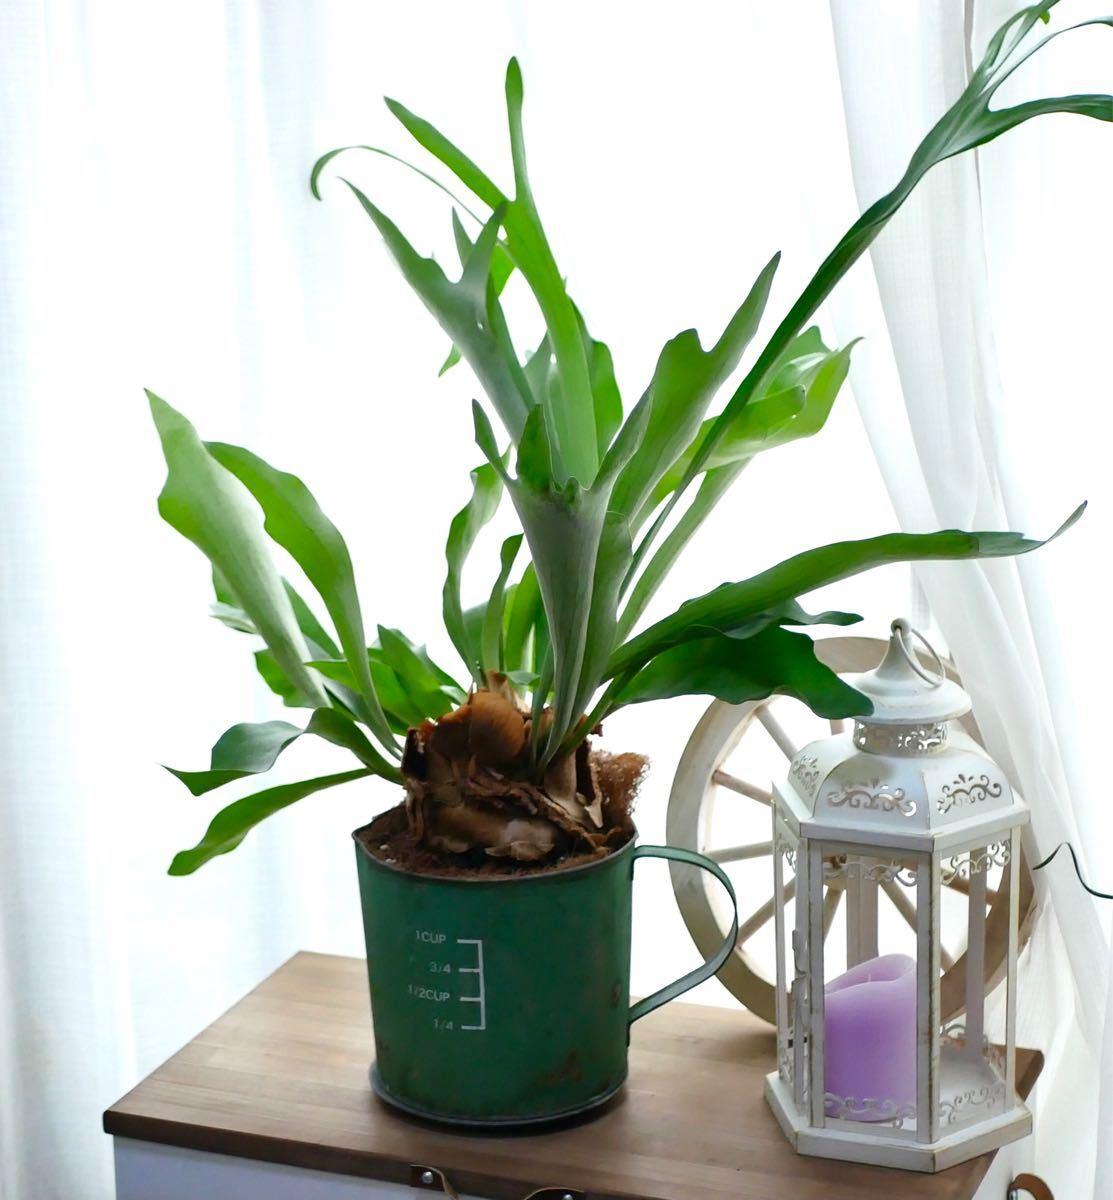 ビカクシダ  大株 希少 大人気 コウモリラン ビフルカツム 観葉植物 ブリキポット 高さ90センチ